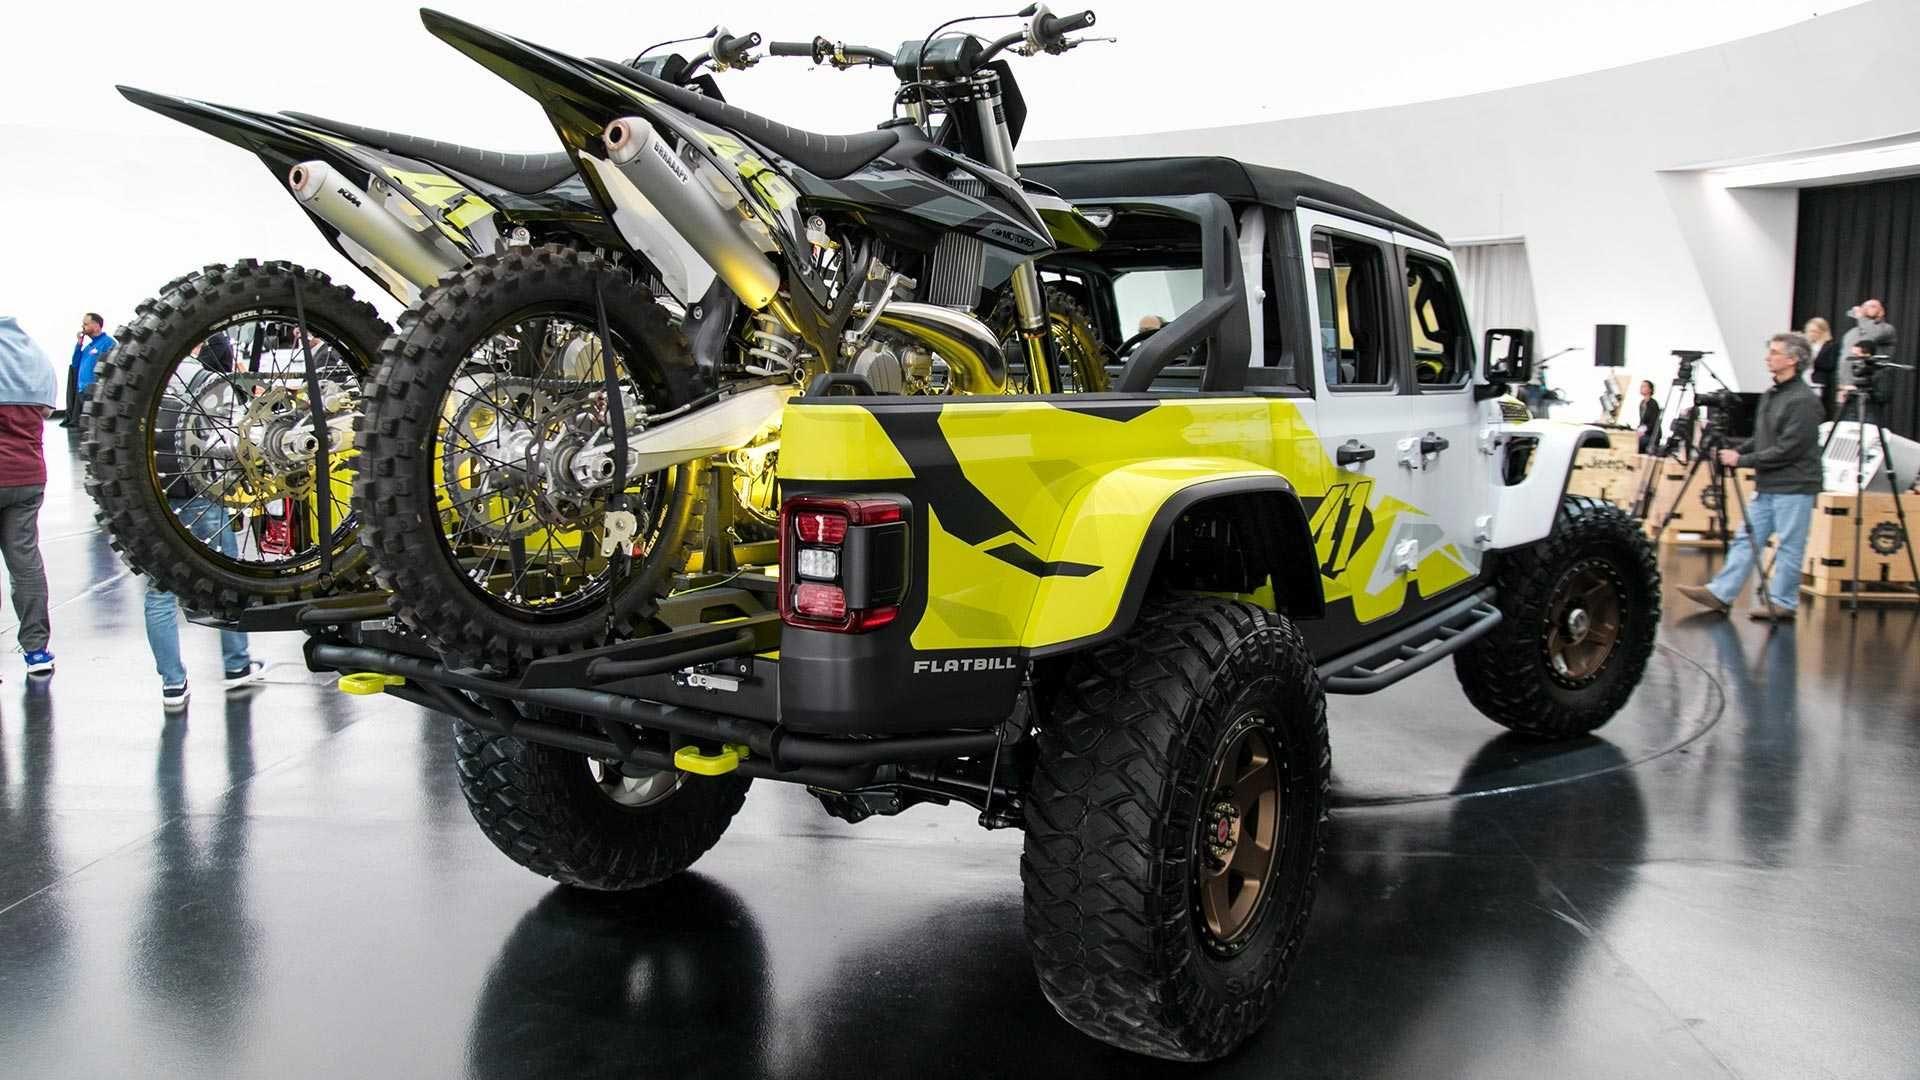 Jeep Gladiator Flatbill Is The Motocross Fan S Pickup Truck Jeep